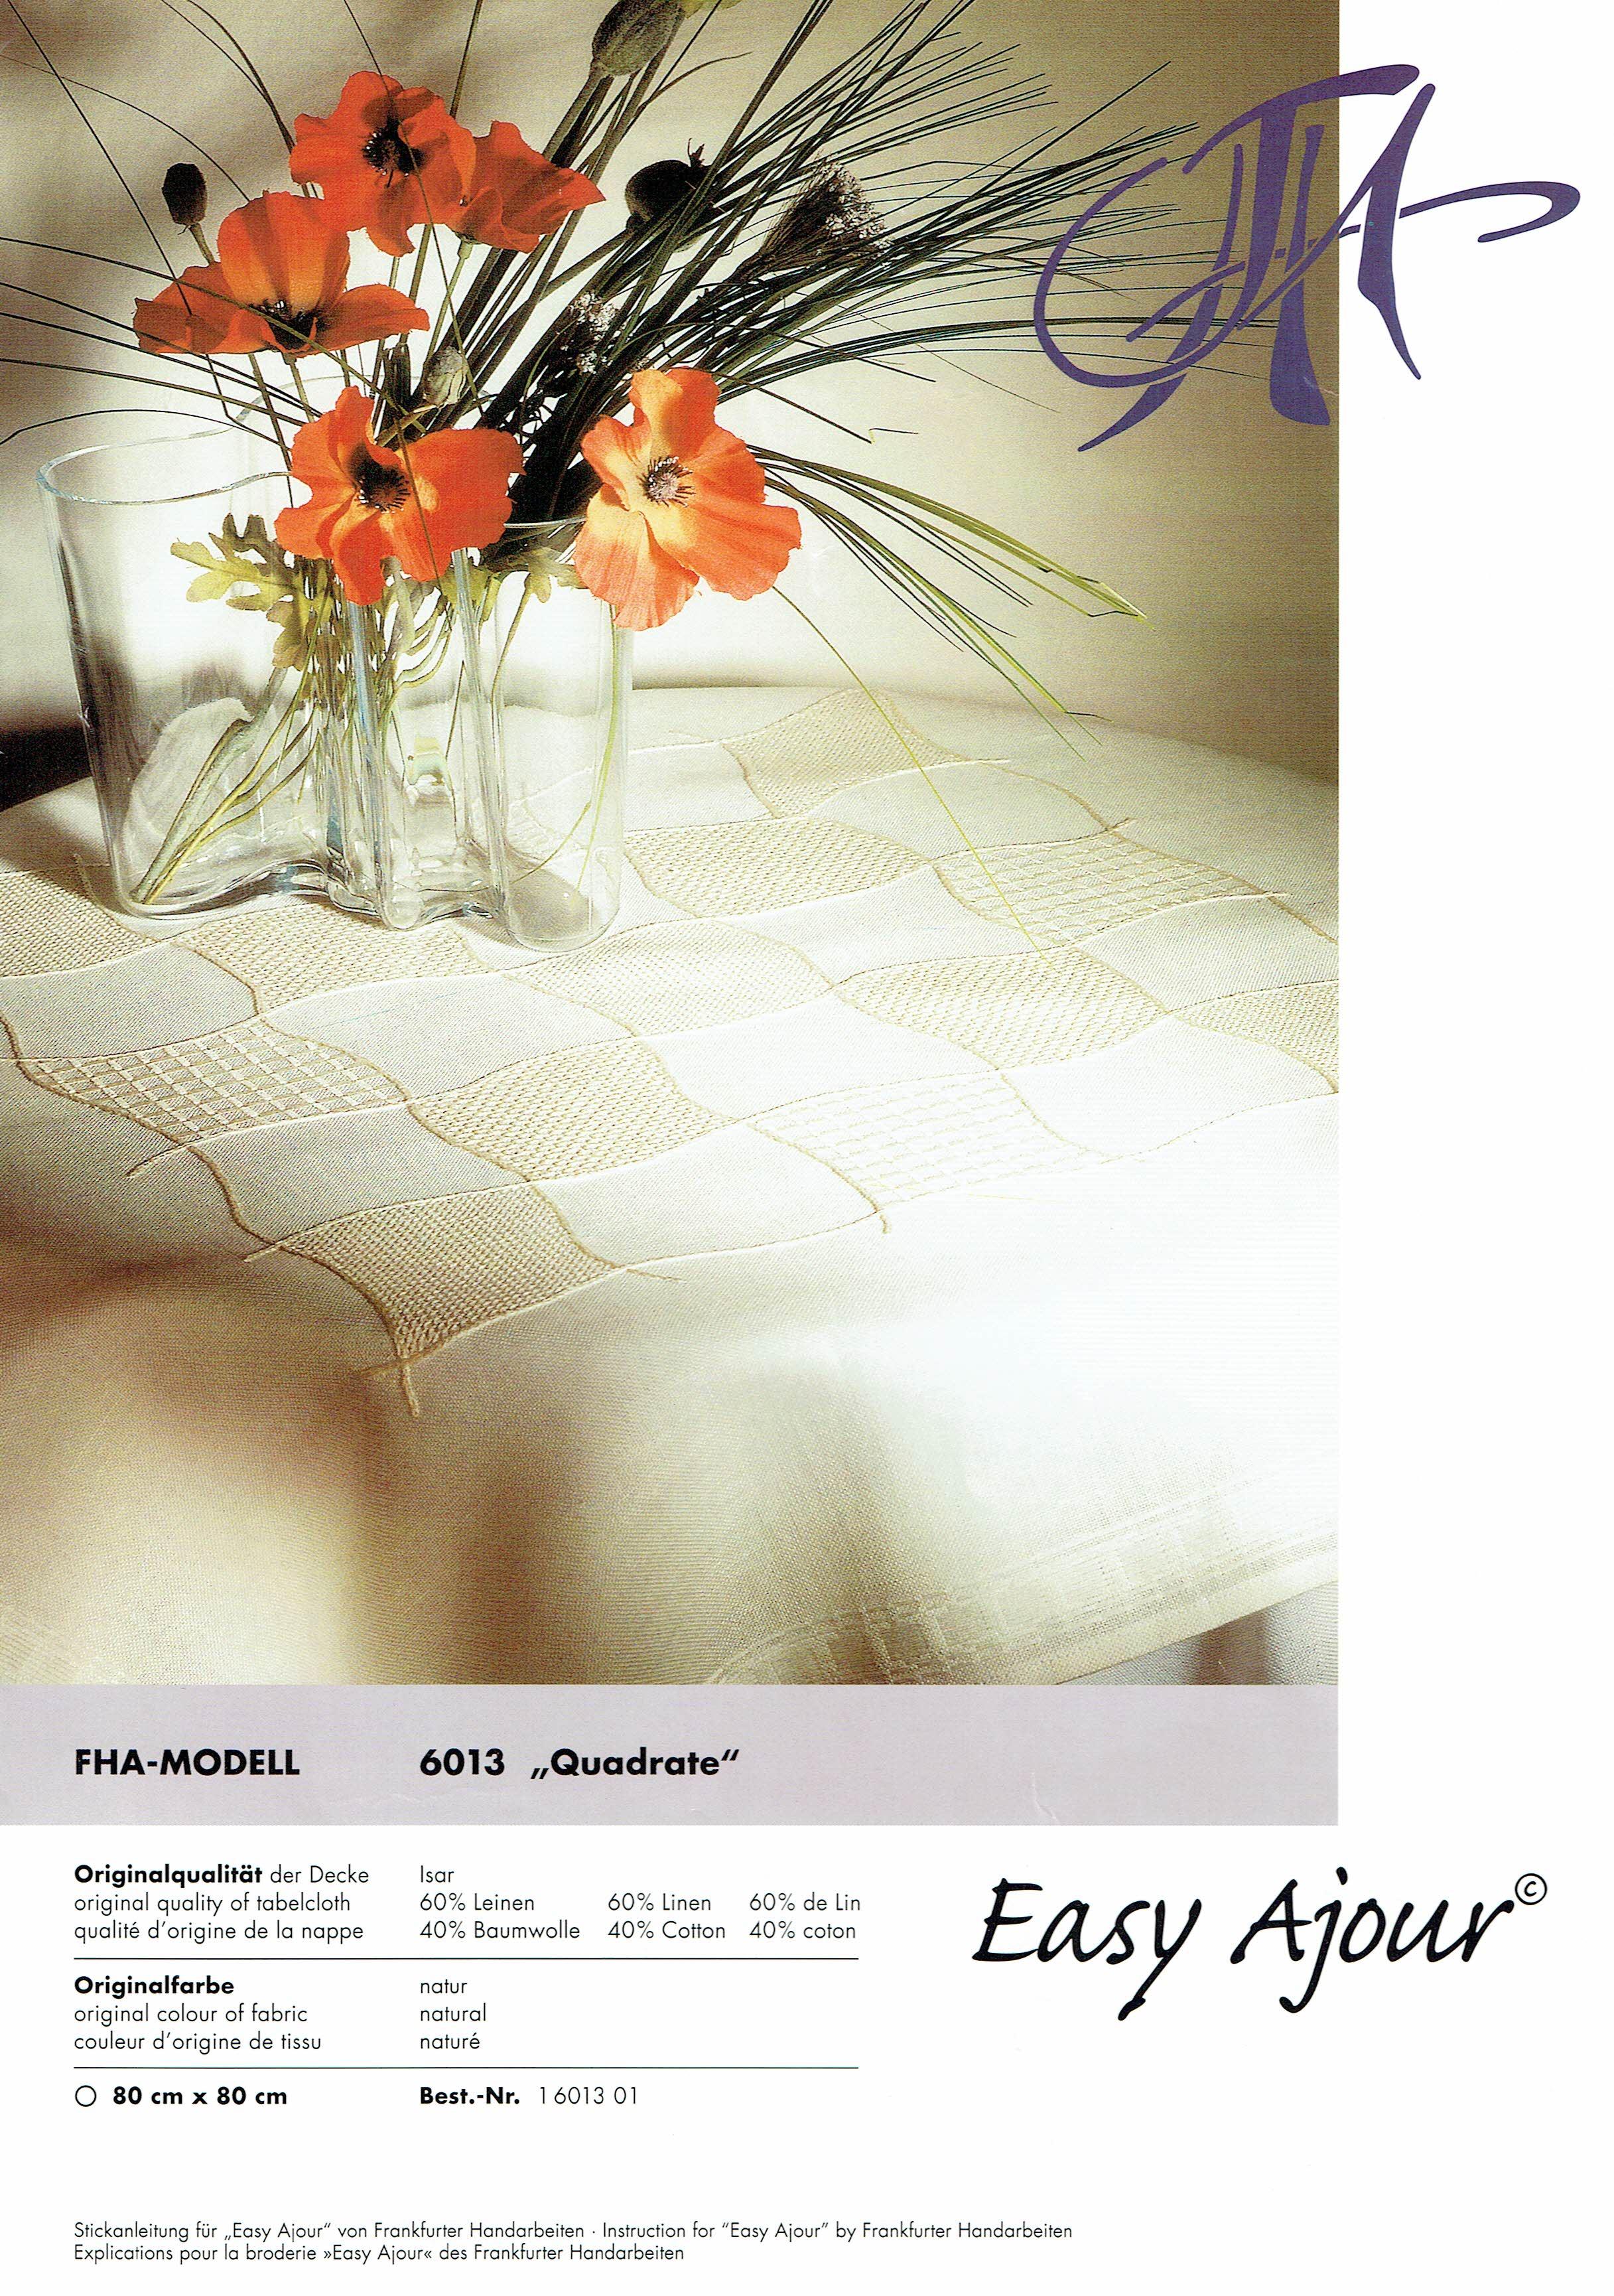 Easy Ajour - Modell 6013 - Quadrate